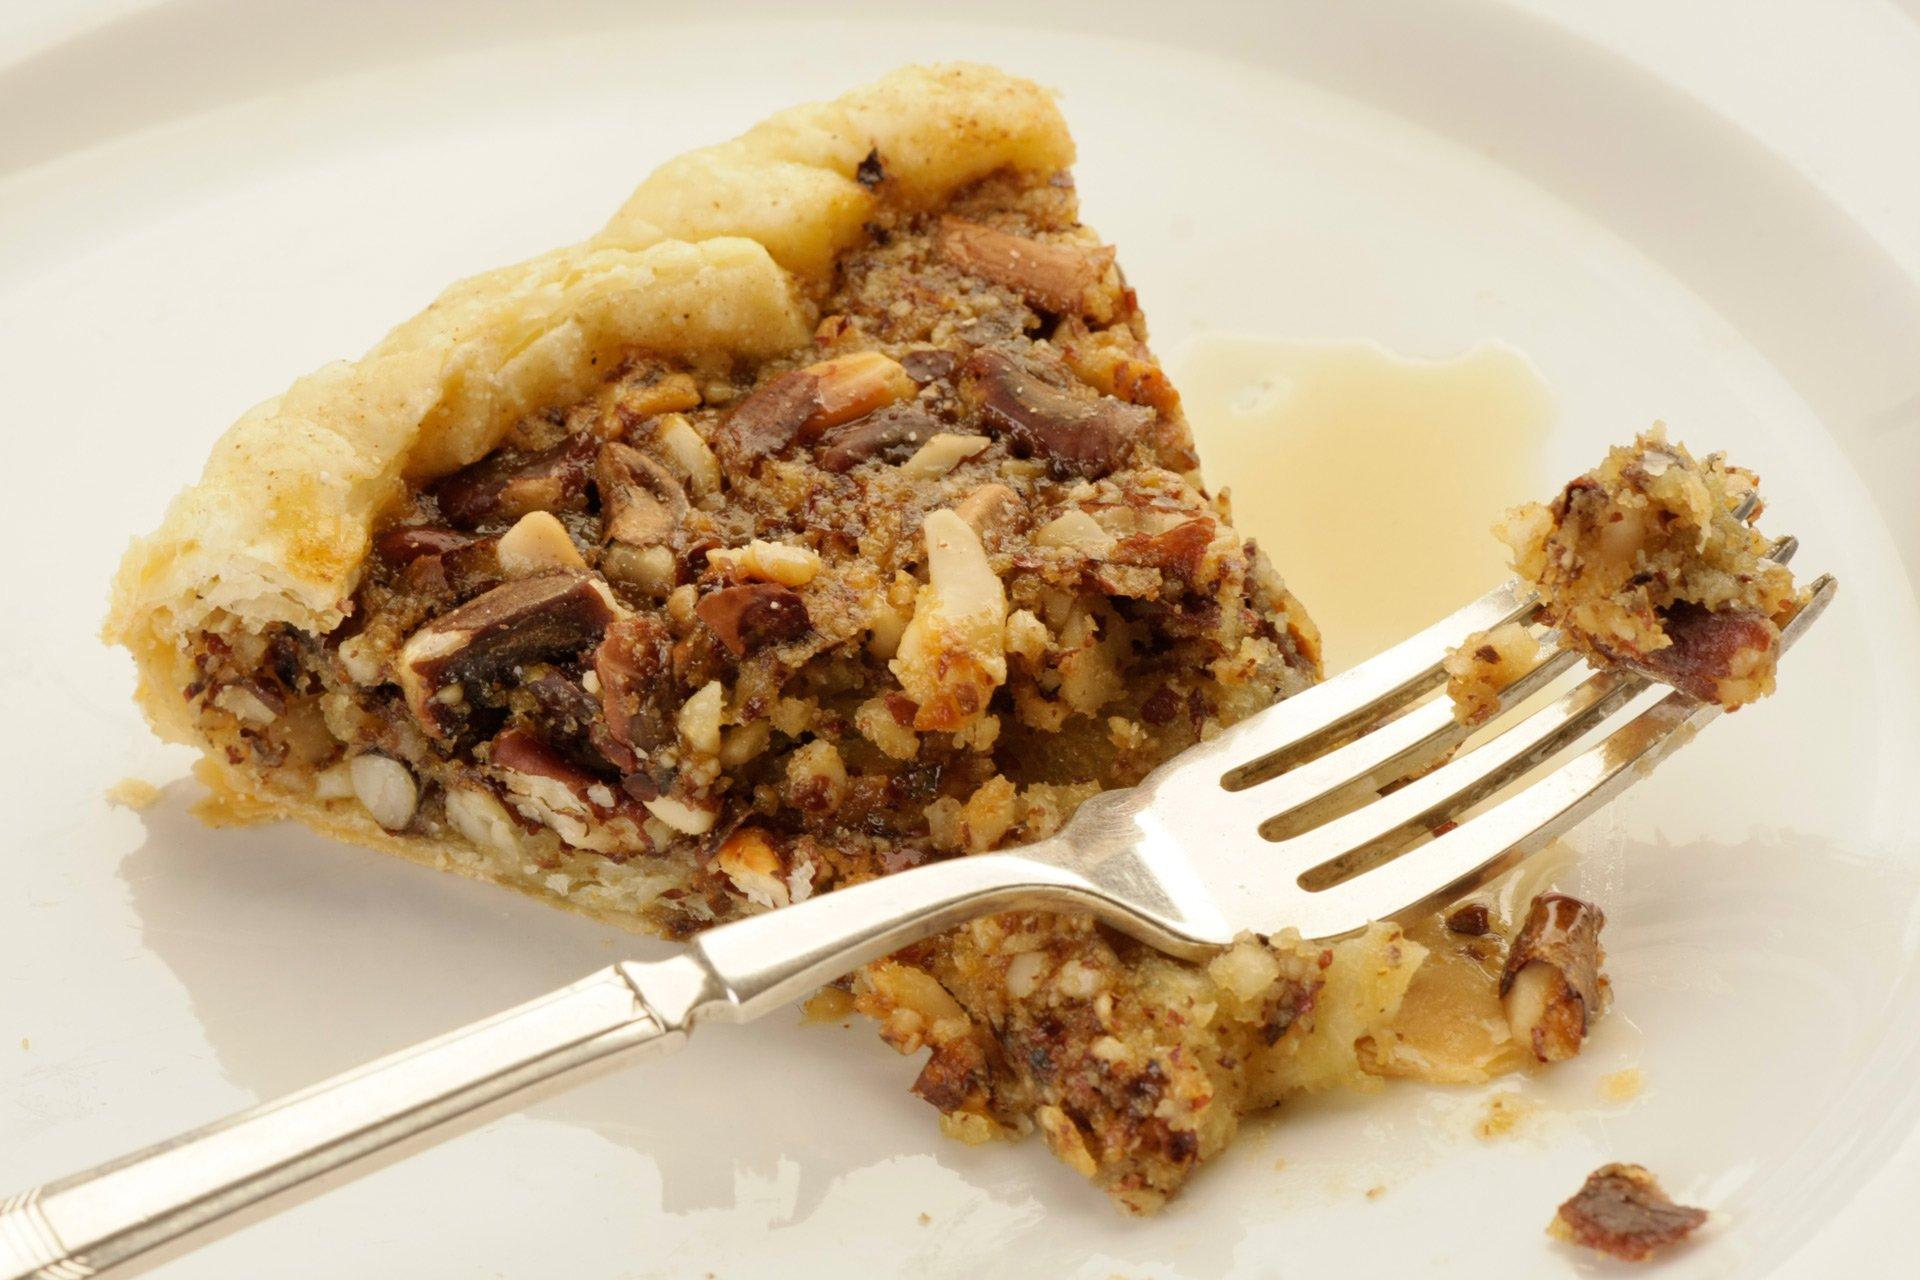 Marula Nut Pie